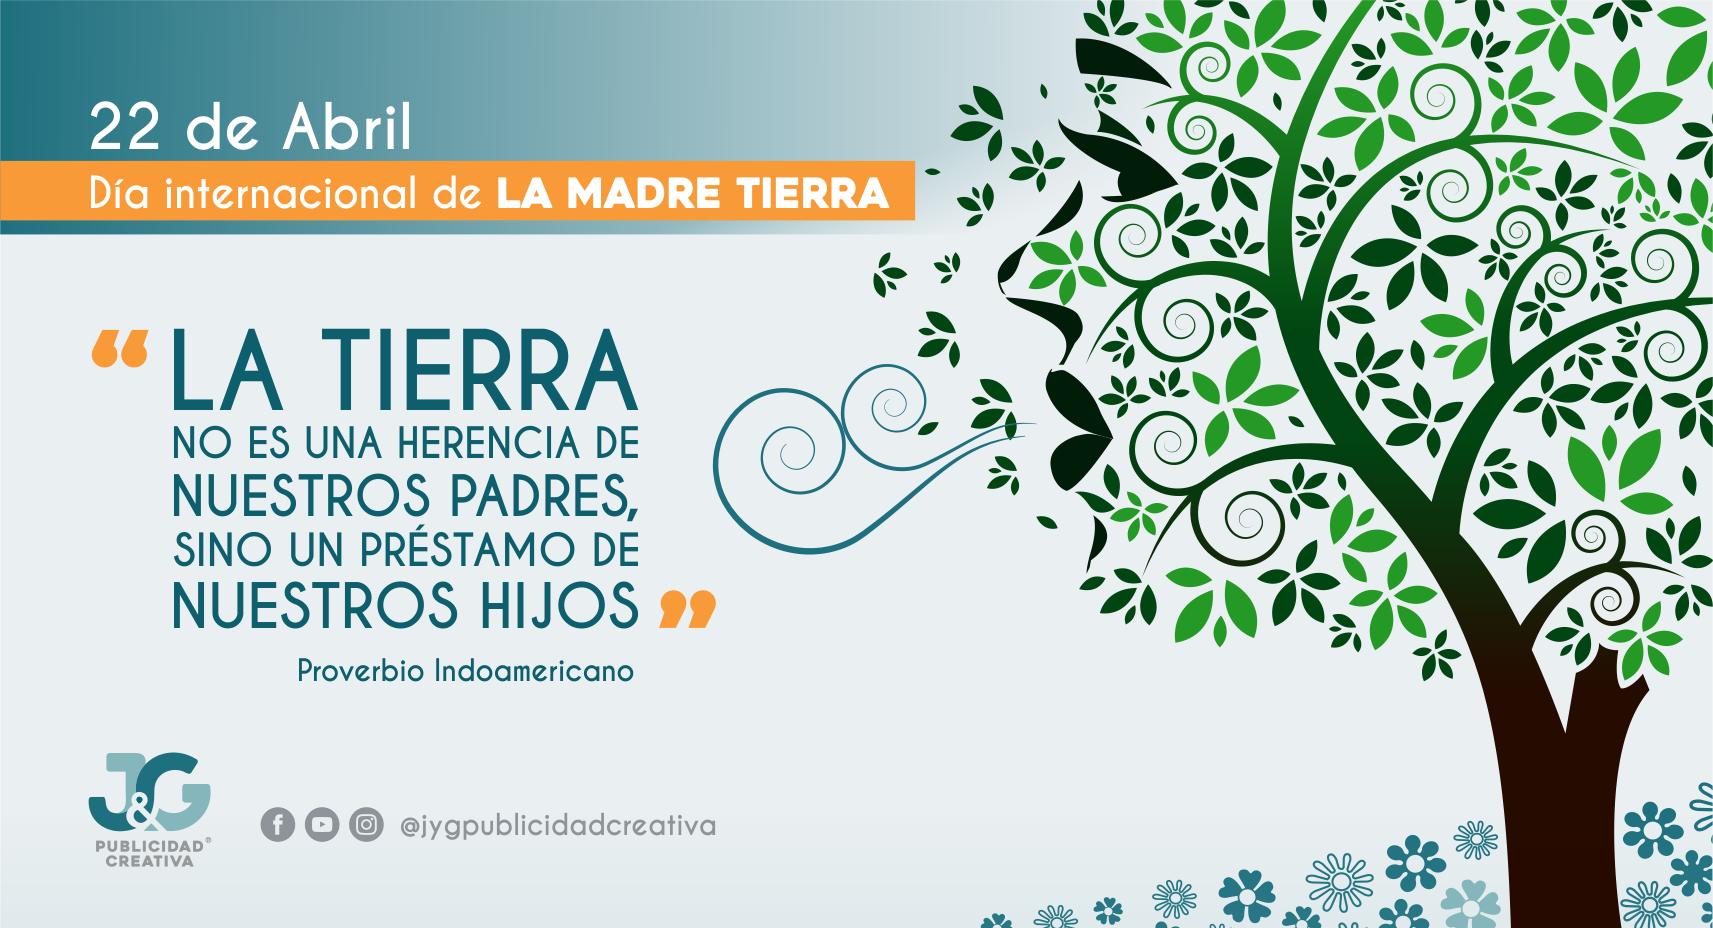 22 de Abril, Día Internacional de la Madre Tierra 2018